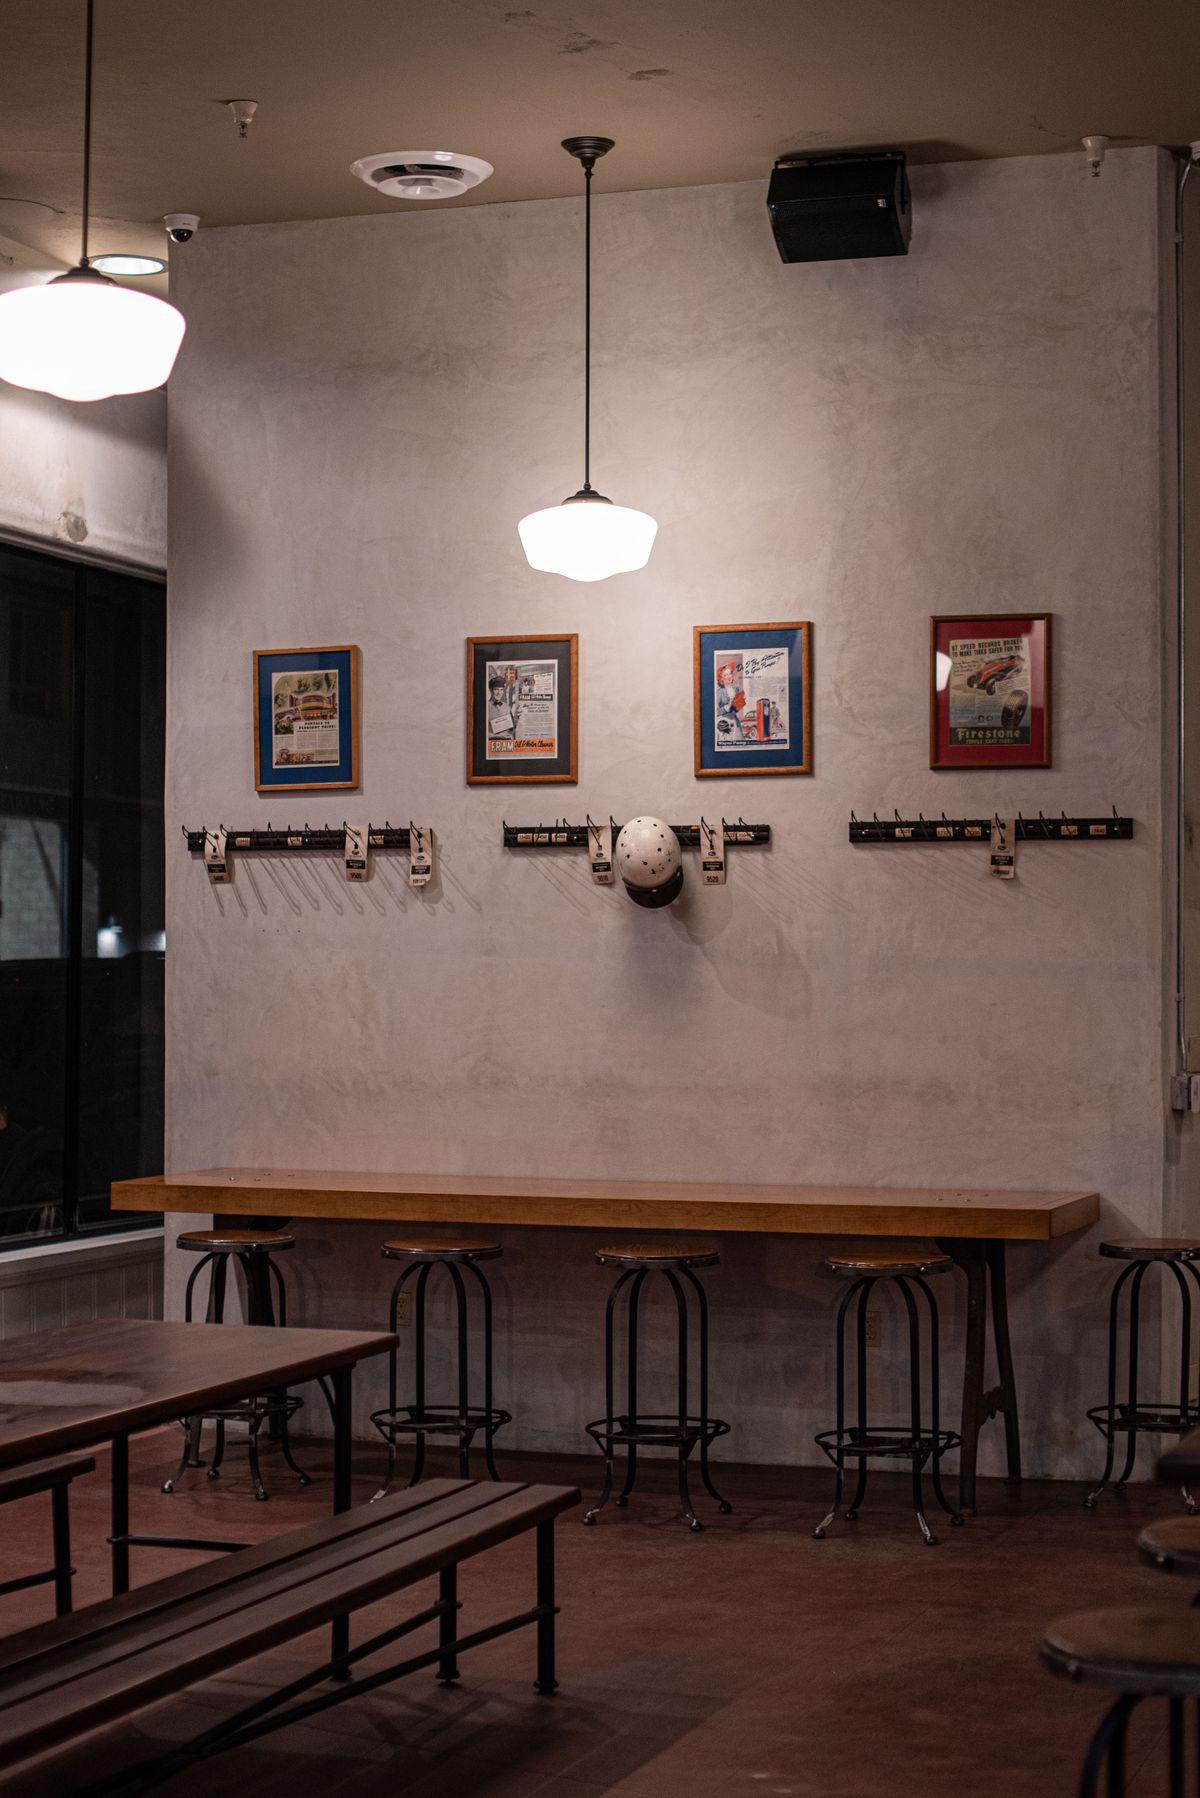 Vintage details hang on racks in low light inside a historic bar.